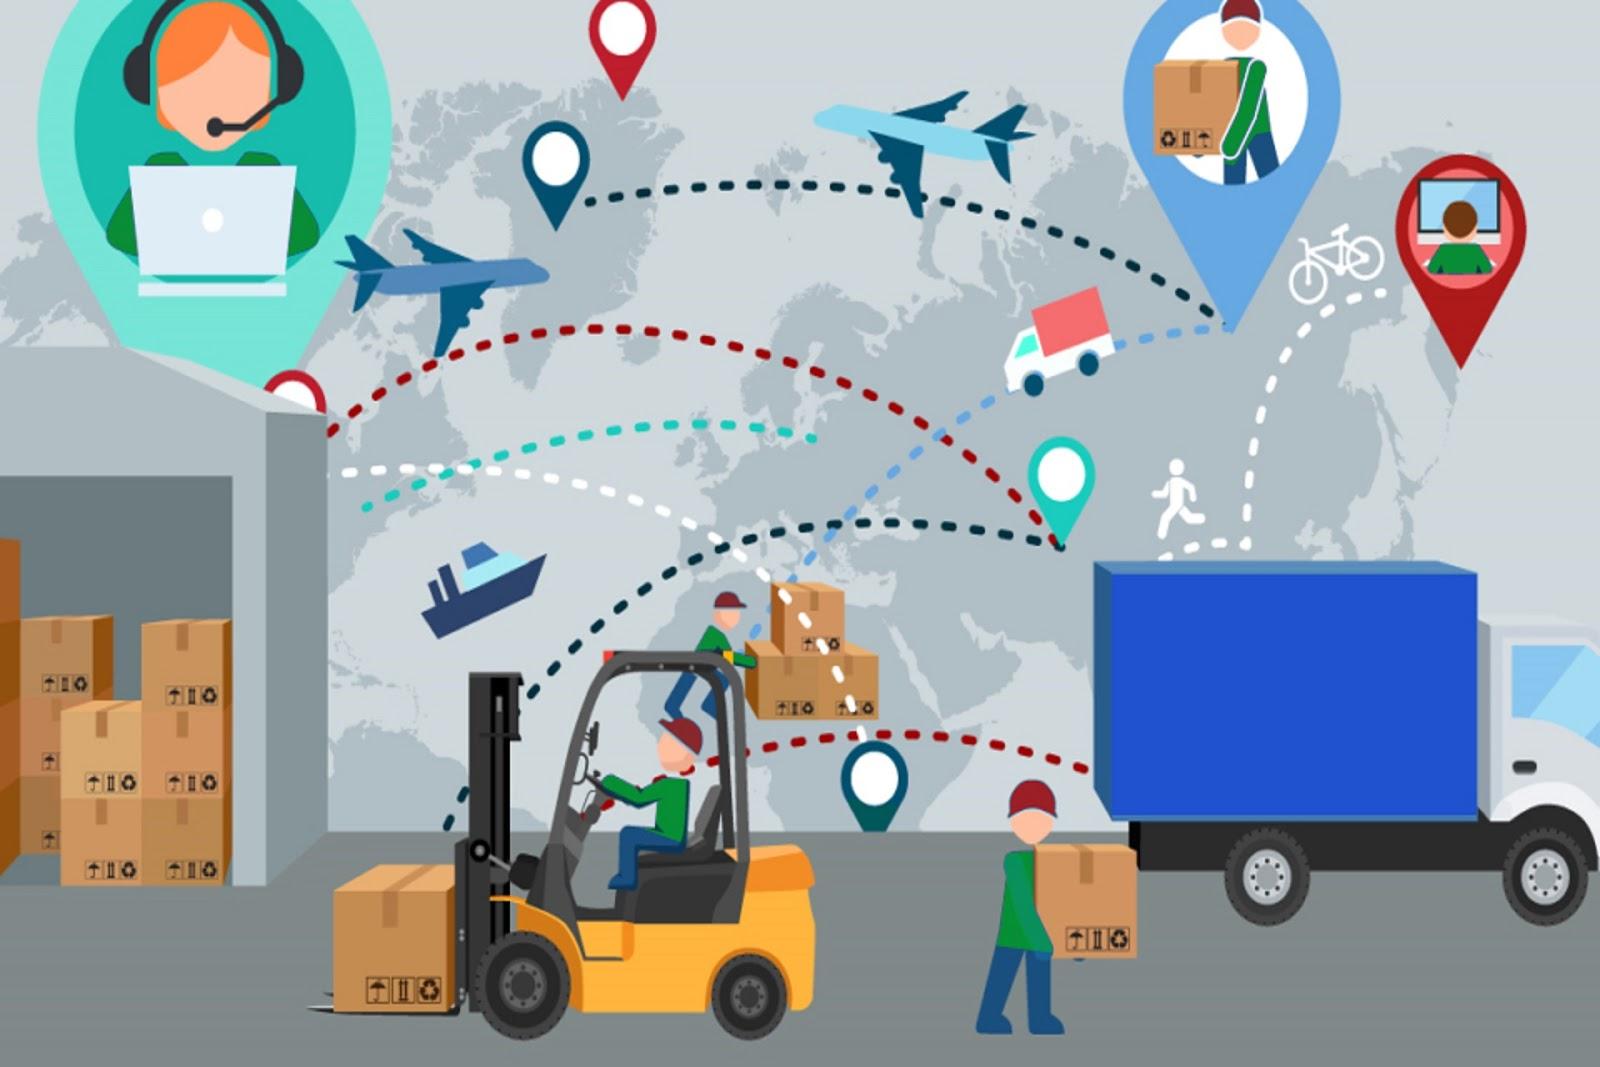 Theo dõi hành trình từ đơn vị giao hàng nhanhvà xử lý nhanh nếu có vấn đề